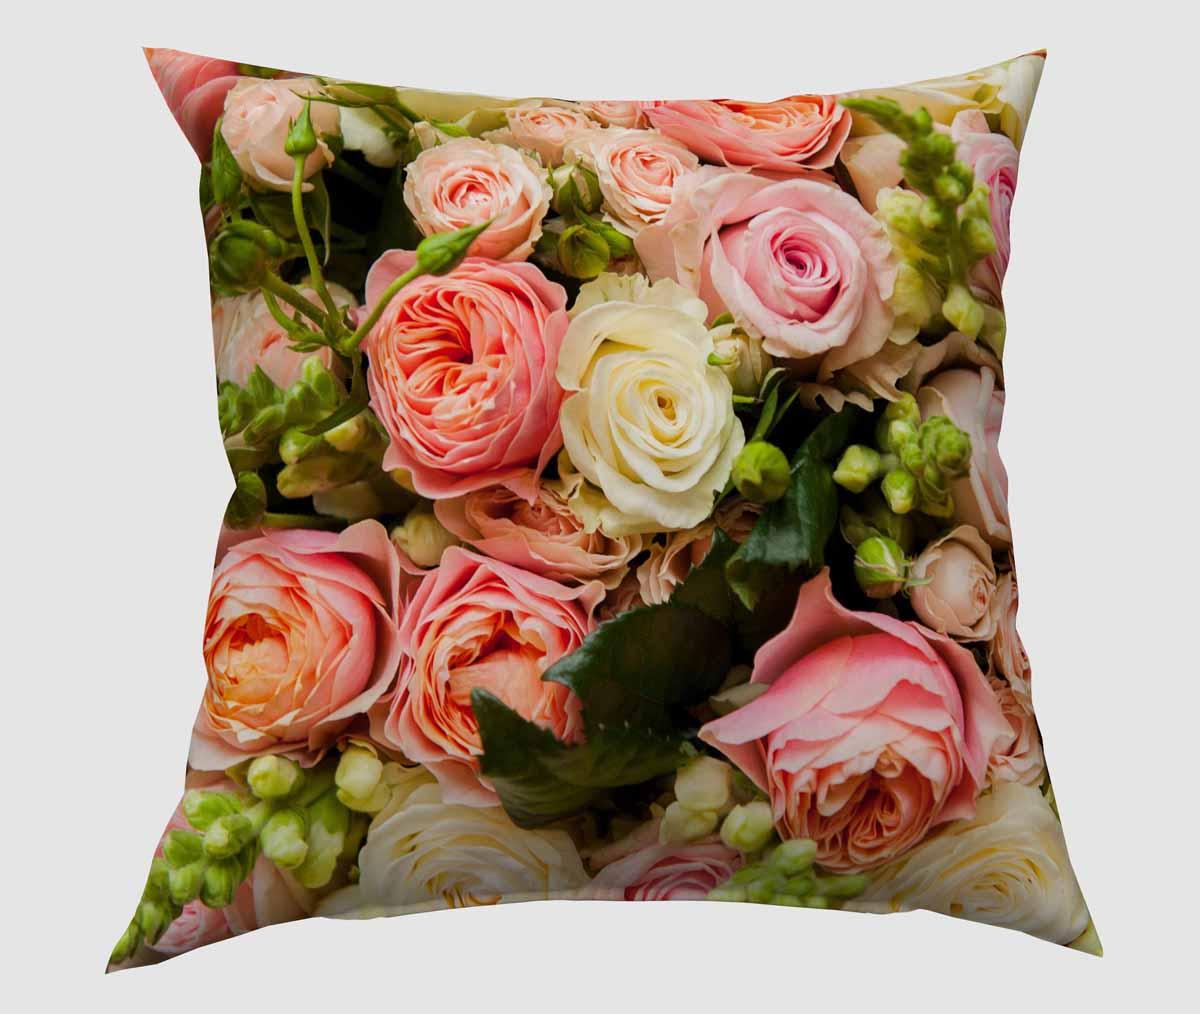 Подушка декоративная Сирень Букет французских роз, 40 х 40 см17102024Декоративная подушка Сирень Букет французских роз, изготовленная из габардина (100% полиэстер), прекрасно дополнит интерьер спальни или гостиной. Подушка оформлена красочным изображением. Внутри - мягкий наполнитель из холлофайбера (100% полиэстер). Красивая подушка создаст атмосферу тепла и уюта в спальне и станет прекрасным элементом декора.